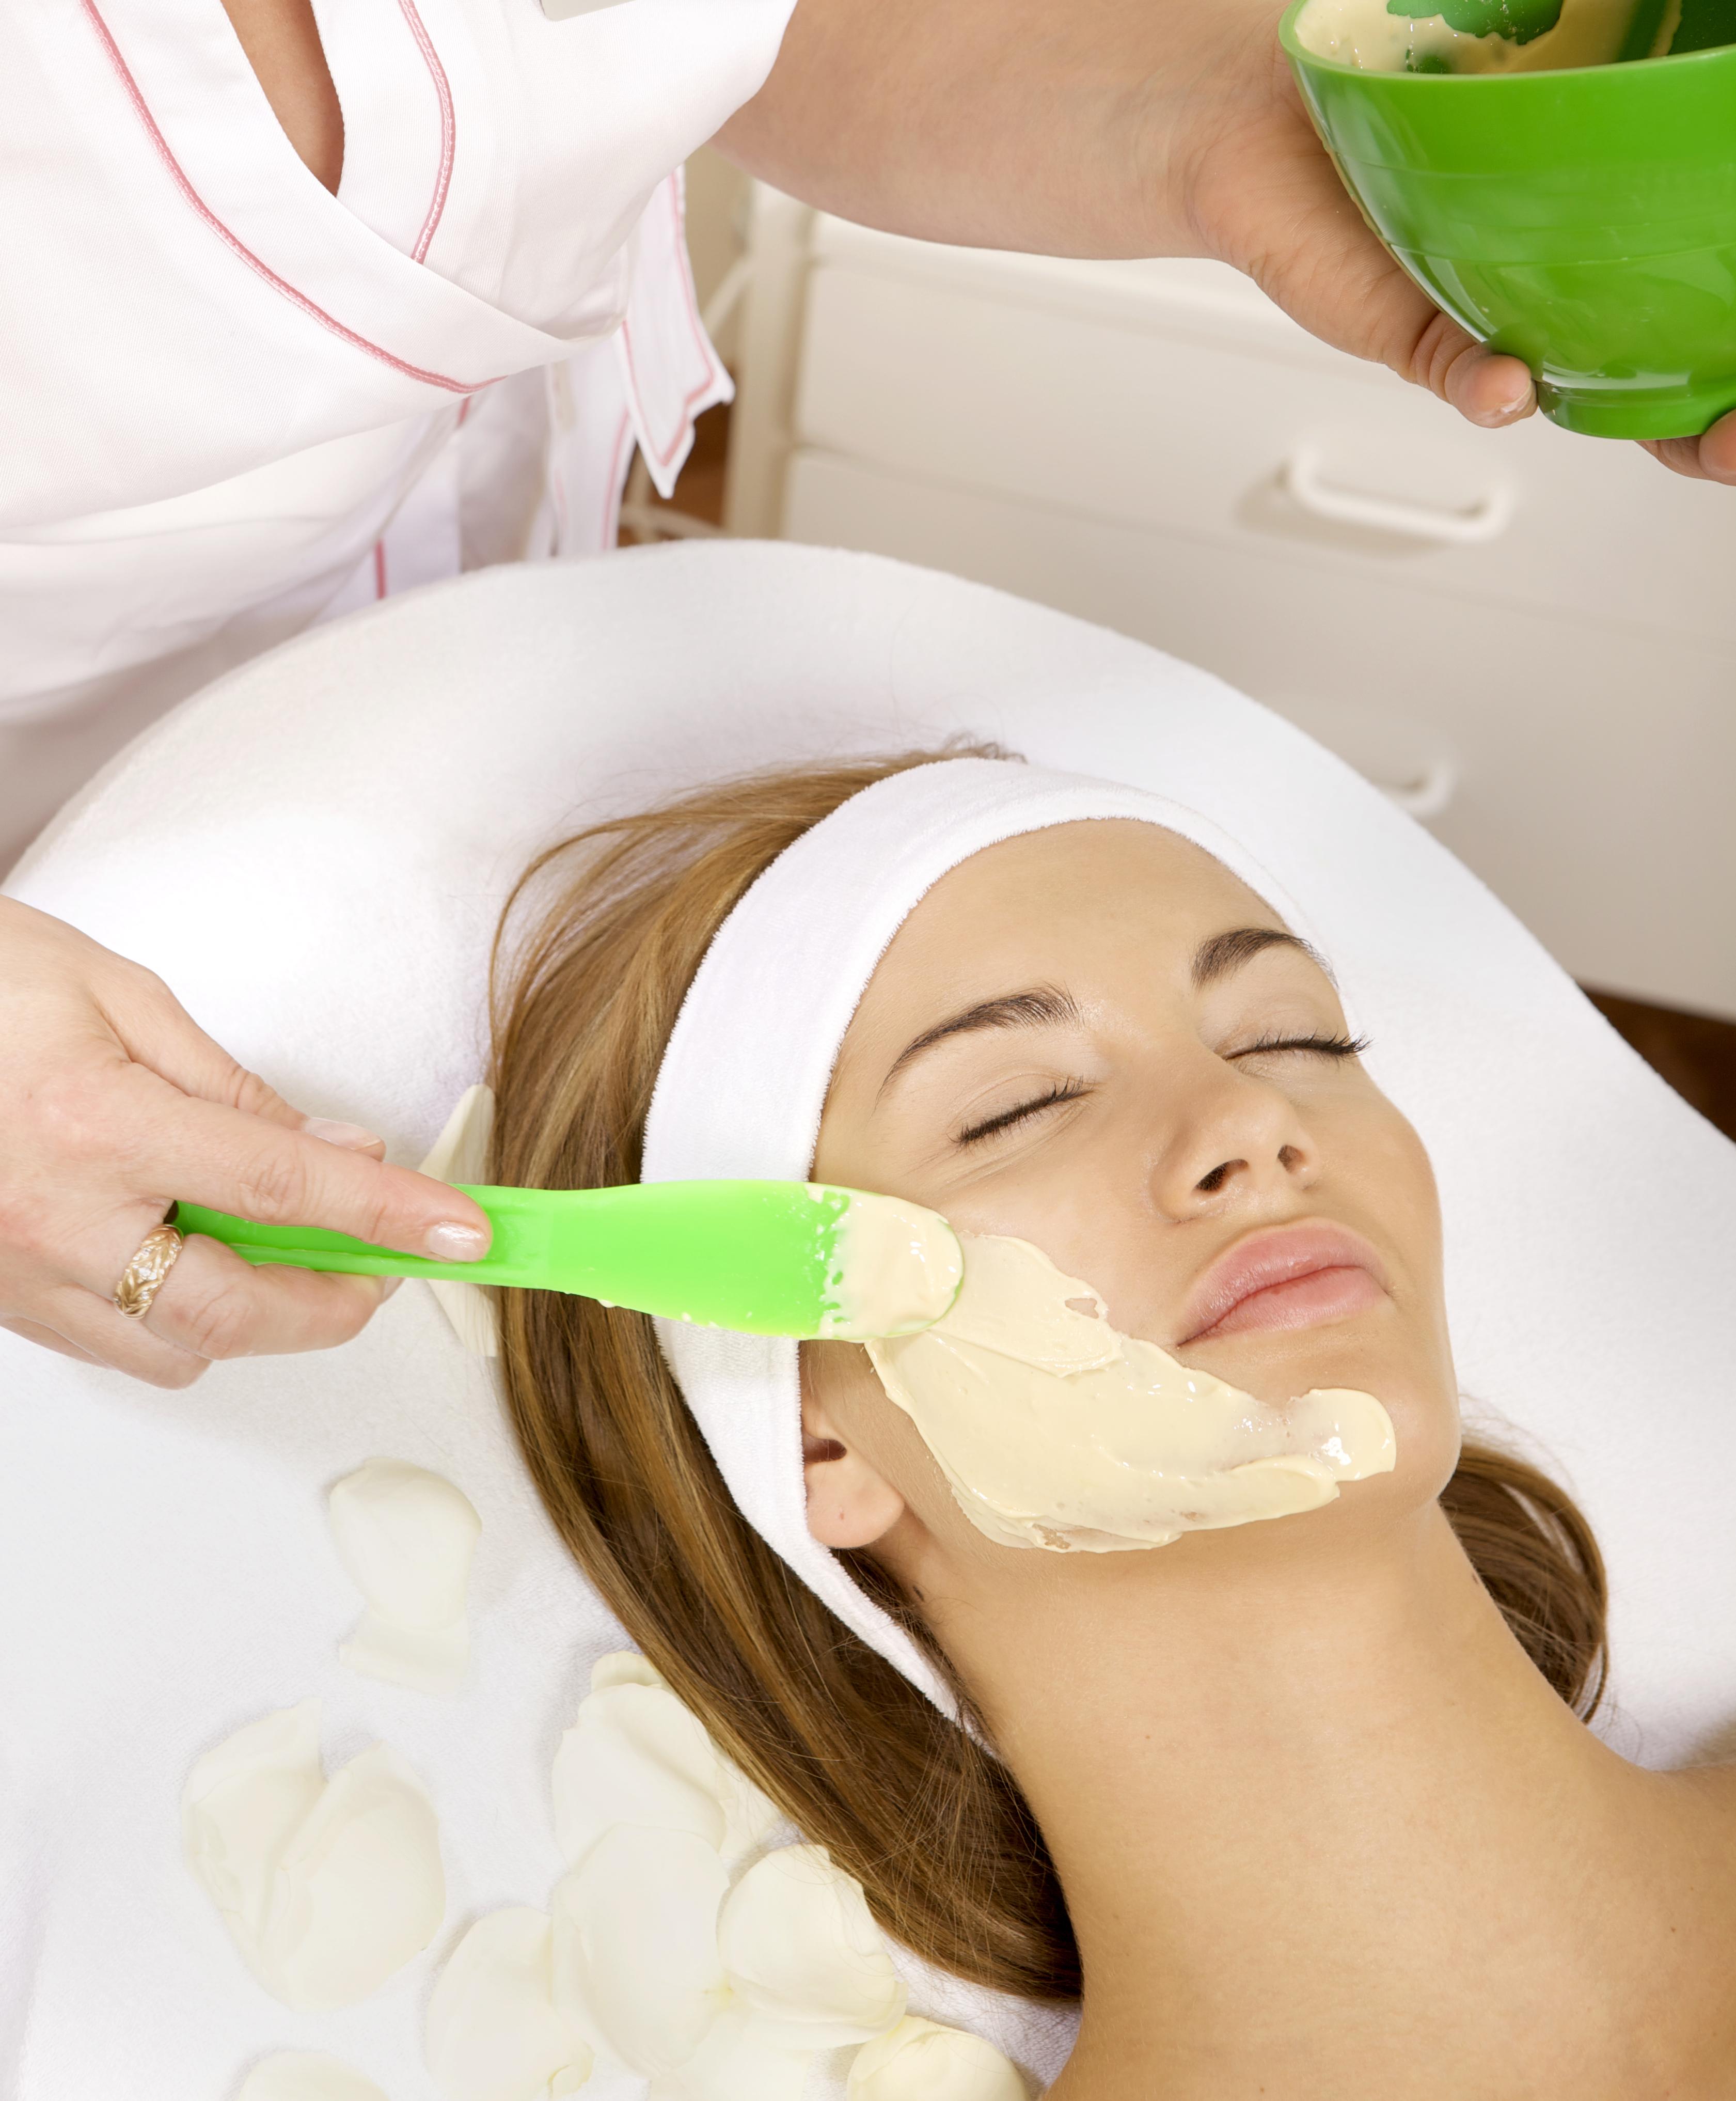 Домашний пилинг лица: ТОП-3 рецепта для идеальной кожи